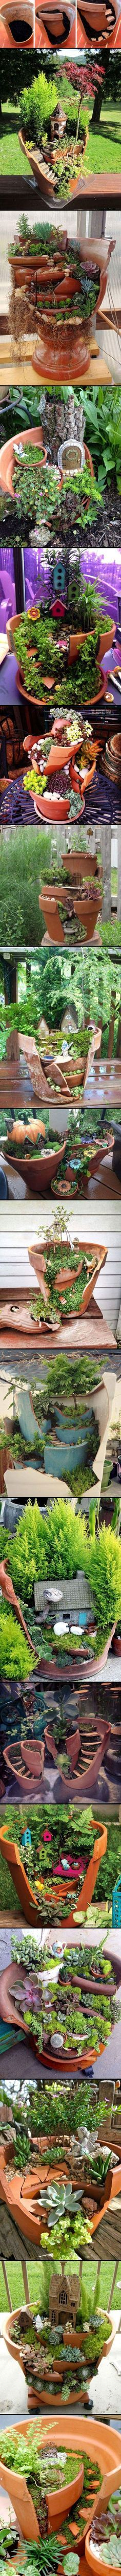 Diese Deko ist einfach wunderschön. Man kann echte Hobbit-Landschaften erschaffen oder kleine Gärten für Feen.